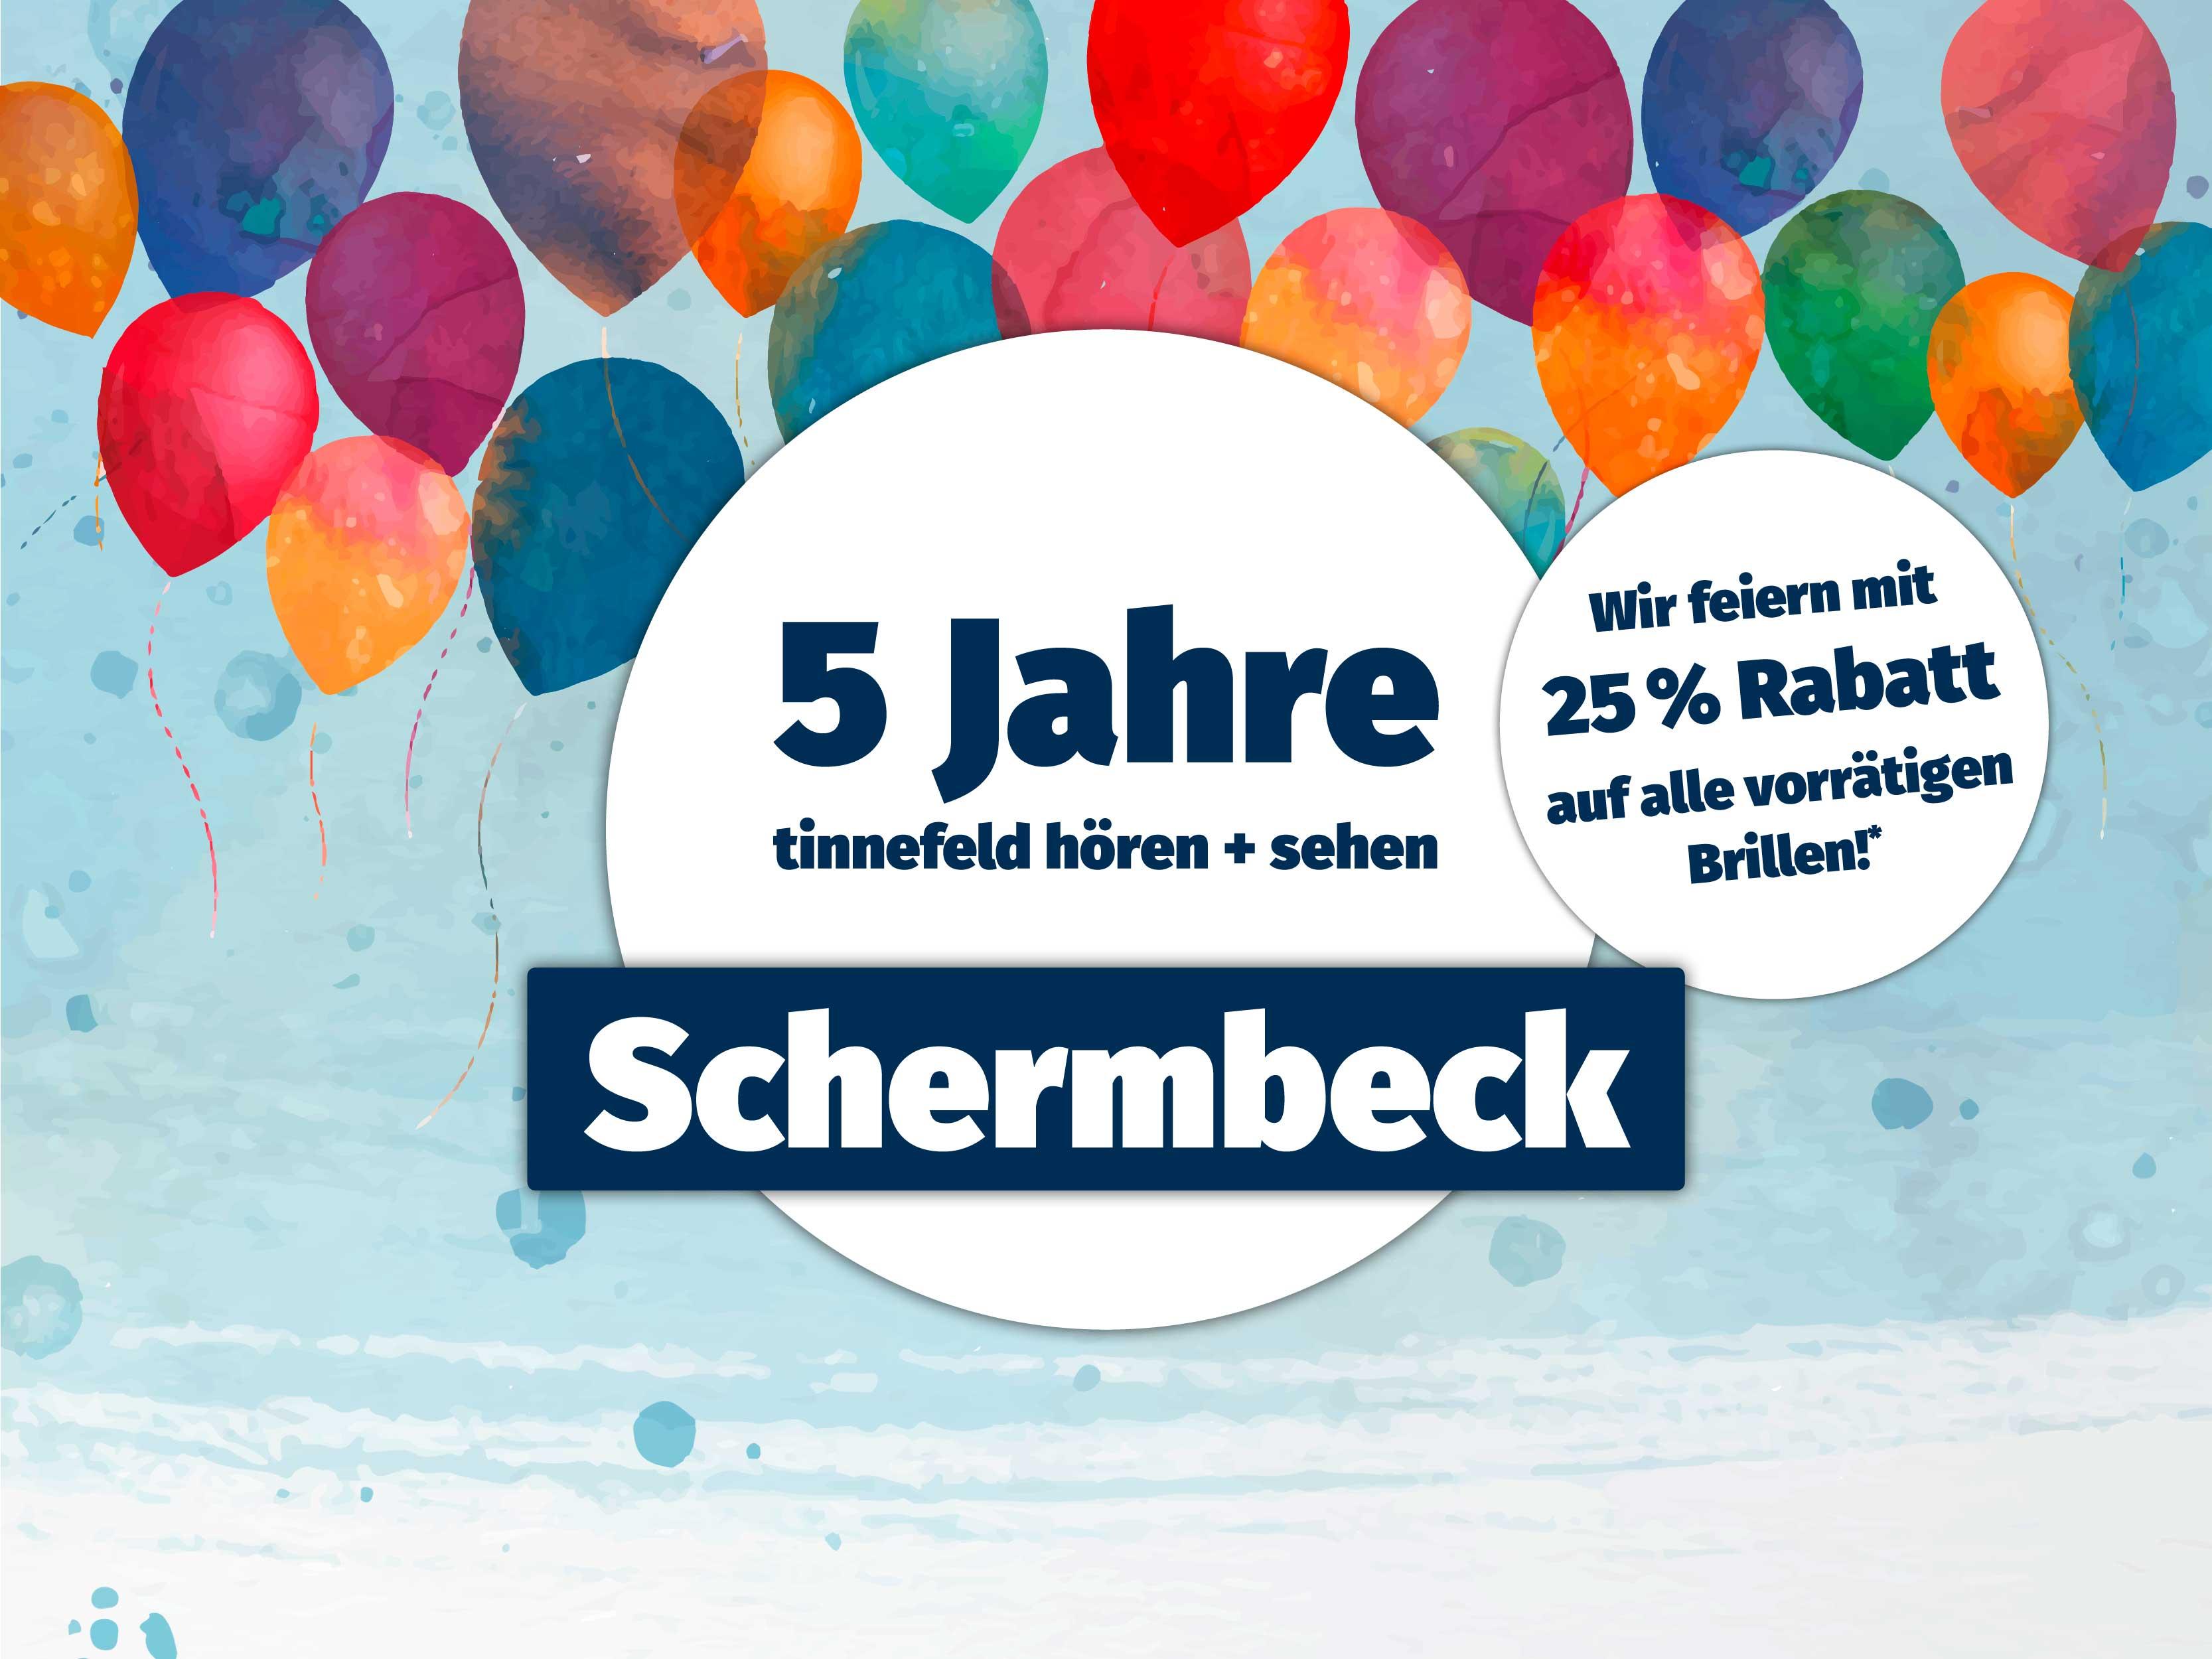 5 Jahre tinnefeld hören + sehen in Schermbeck!